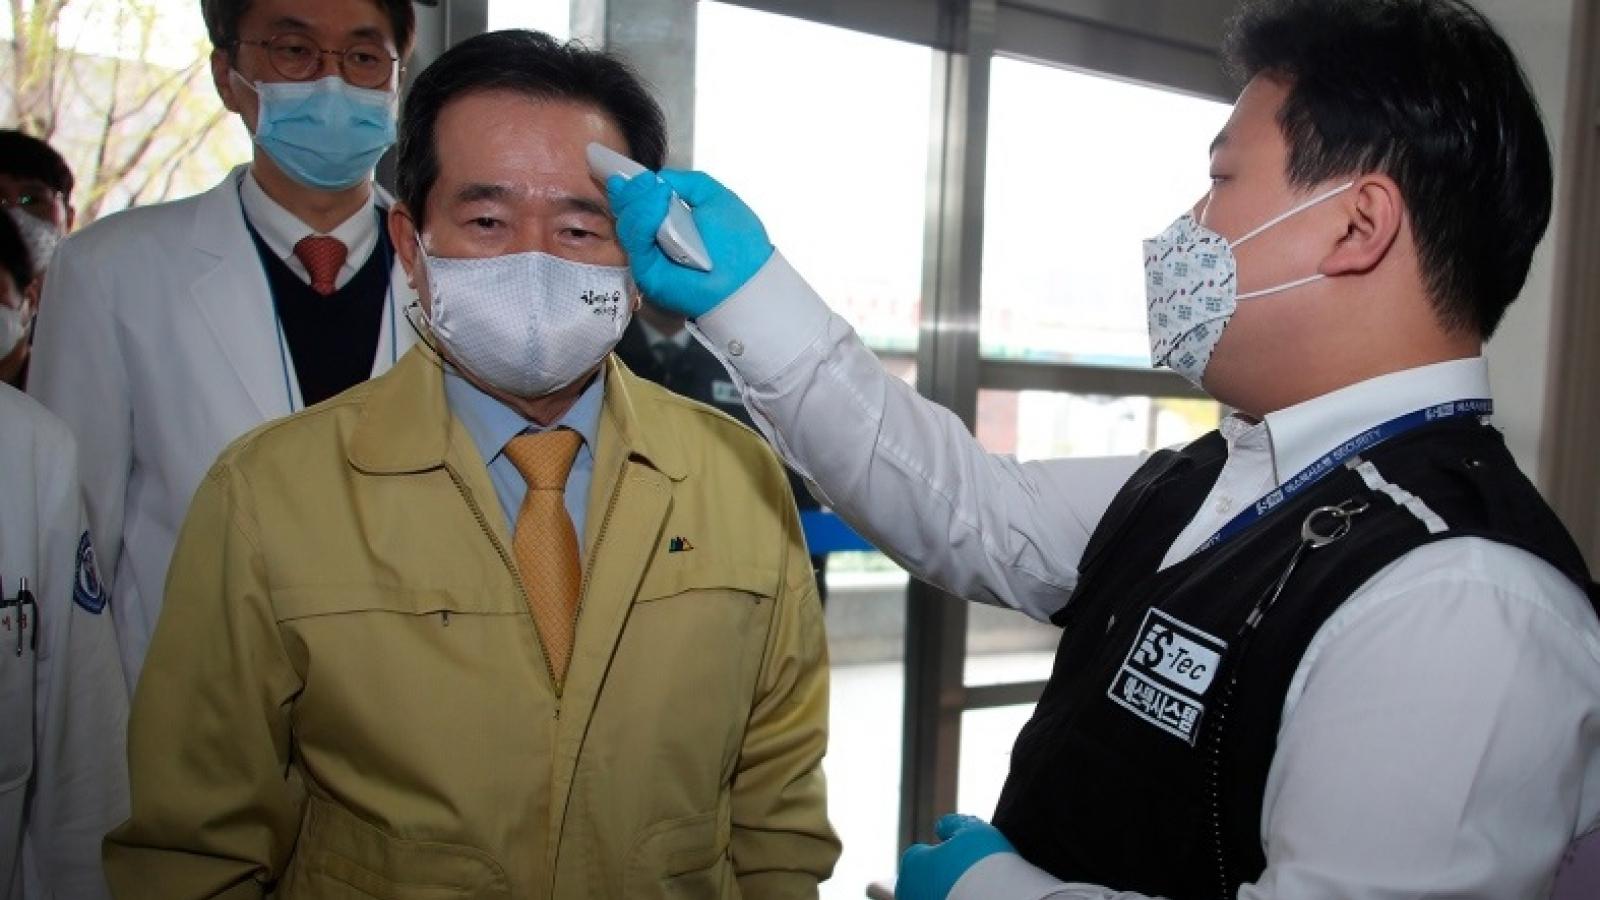 Hàn Quốc ghi nhận các ca đầu tiên nhiễmbiến chủng của virus SARS-CoV-2